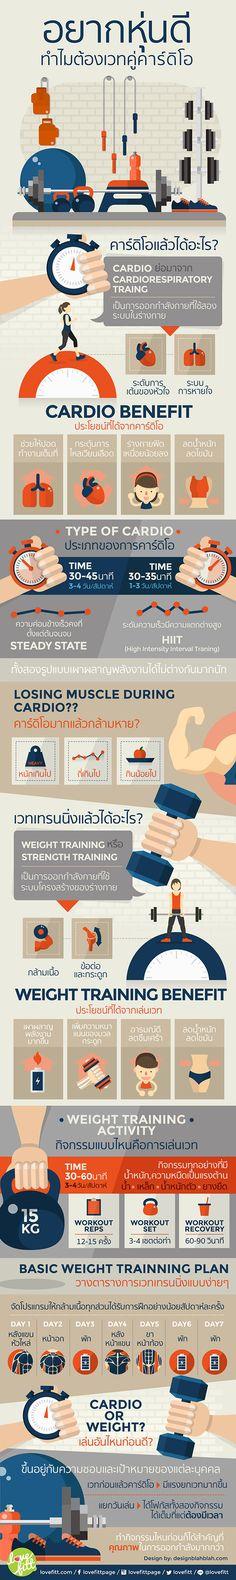 การออกกำลังกายเพื่อการลดน้ำหนัก ลดไขมัน และปรับสัดส่วนรูปร่างให้ดีขึ้นต้องอาศัยการควบคุมโภชนาการและการออกกำลังกายทั้งการเวทเทรนนิ่งและการคาร์ดิโอควบคู่กันไป